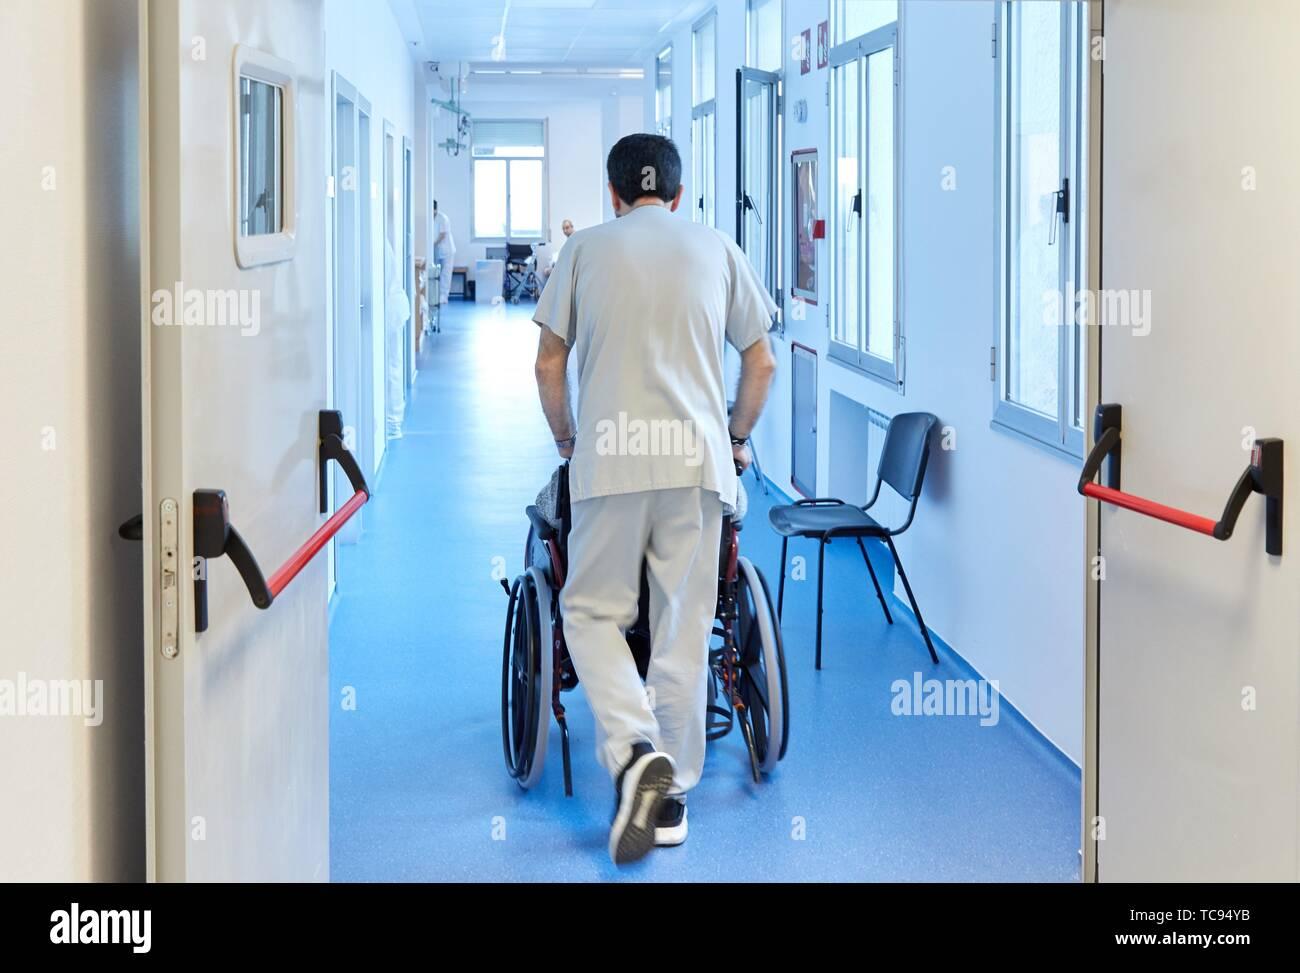 Surveiller la tête d'un patient dans un fauteuil roulant, de l'hôpital Donostia, San Sebastian, Gipuzkoa, Pays Basque, Espagne Photo Stock